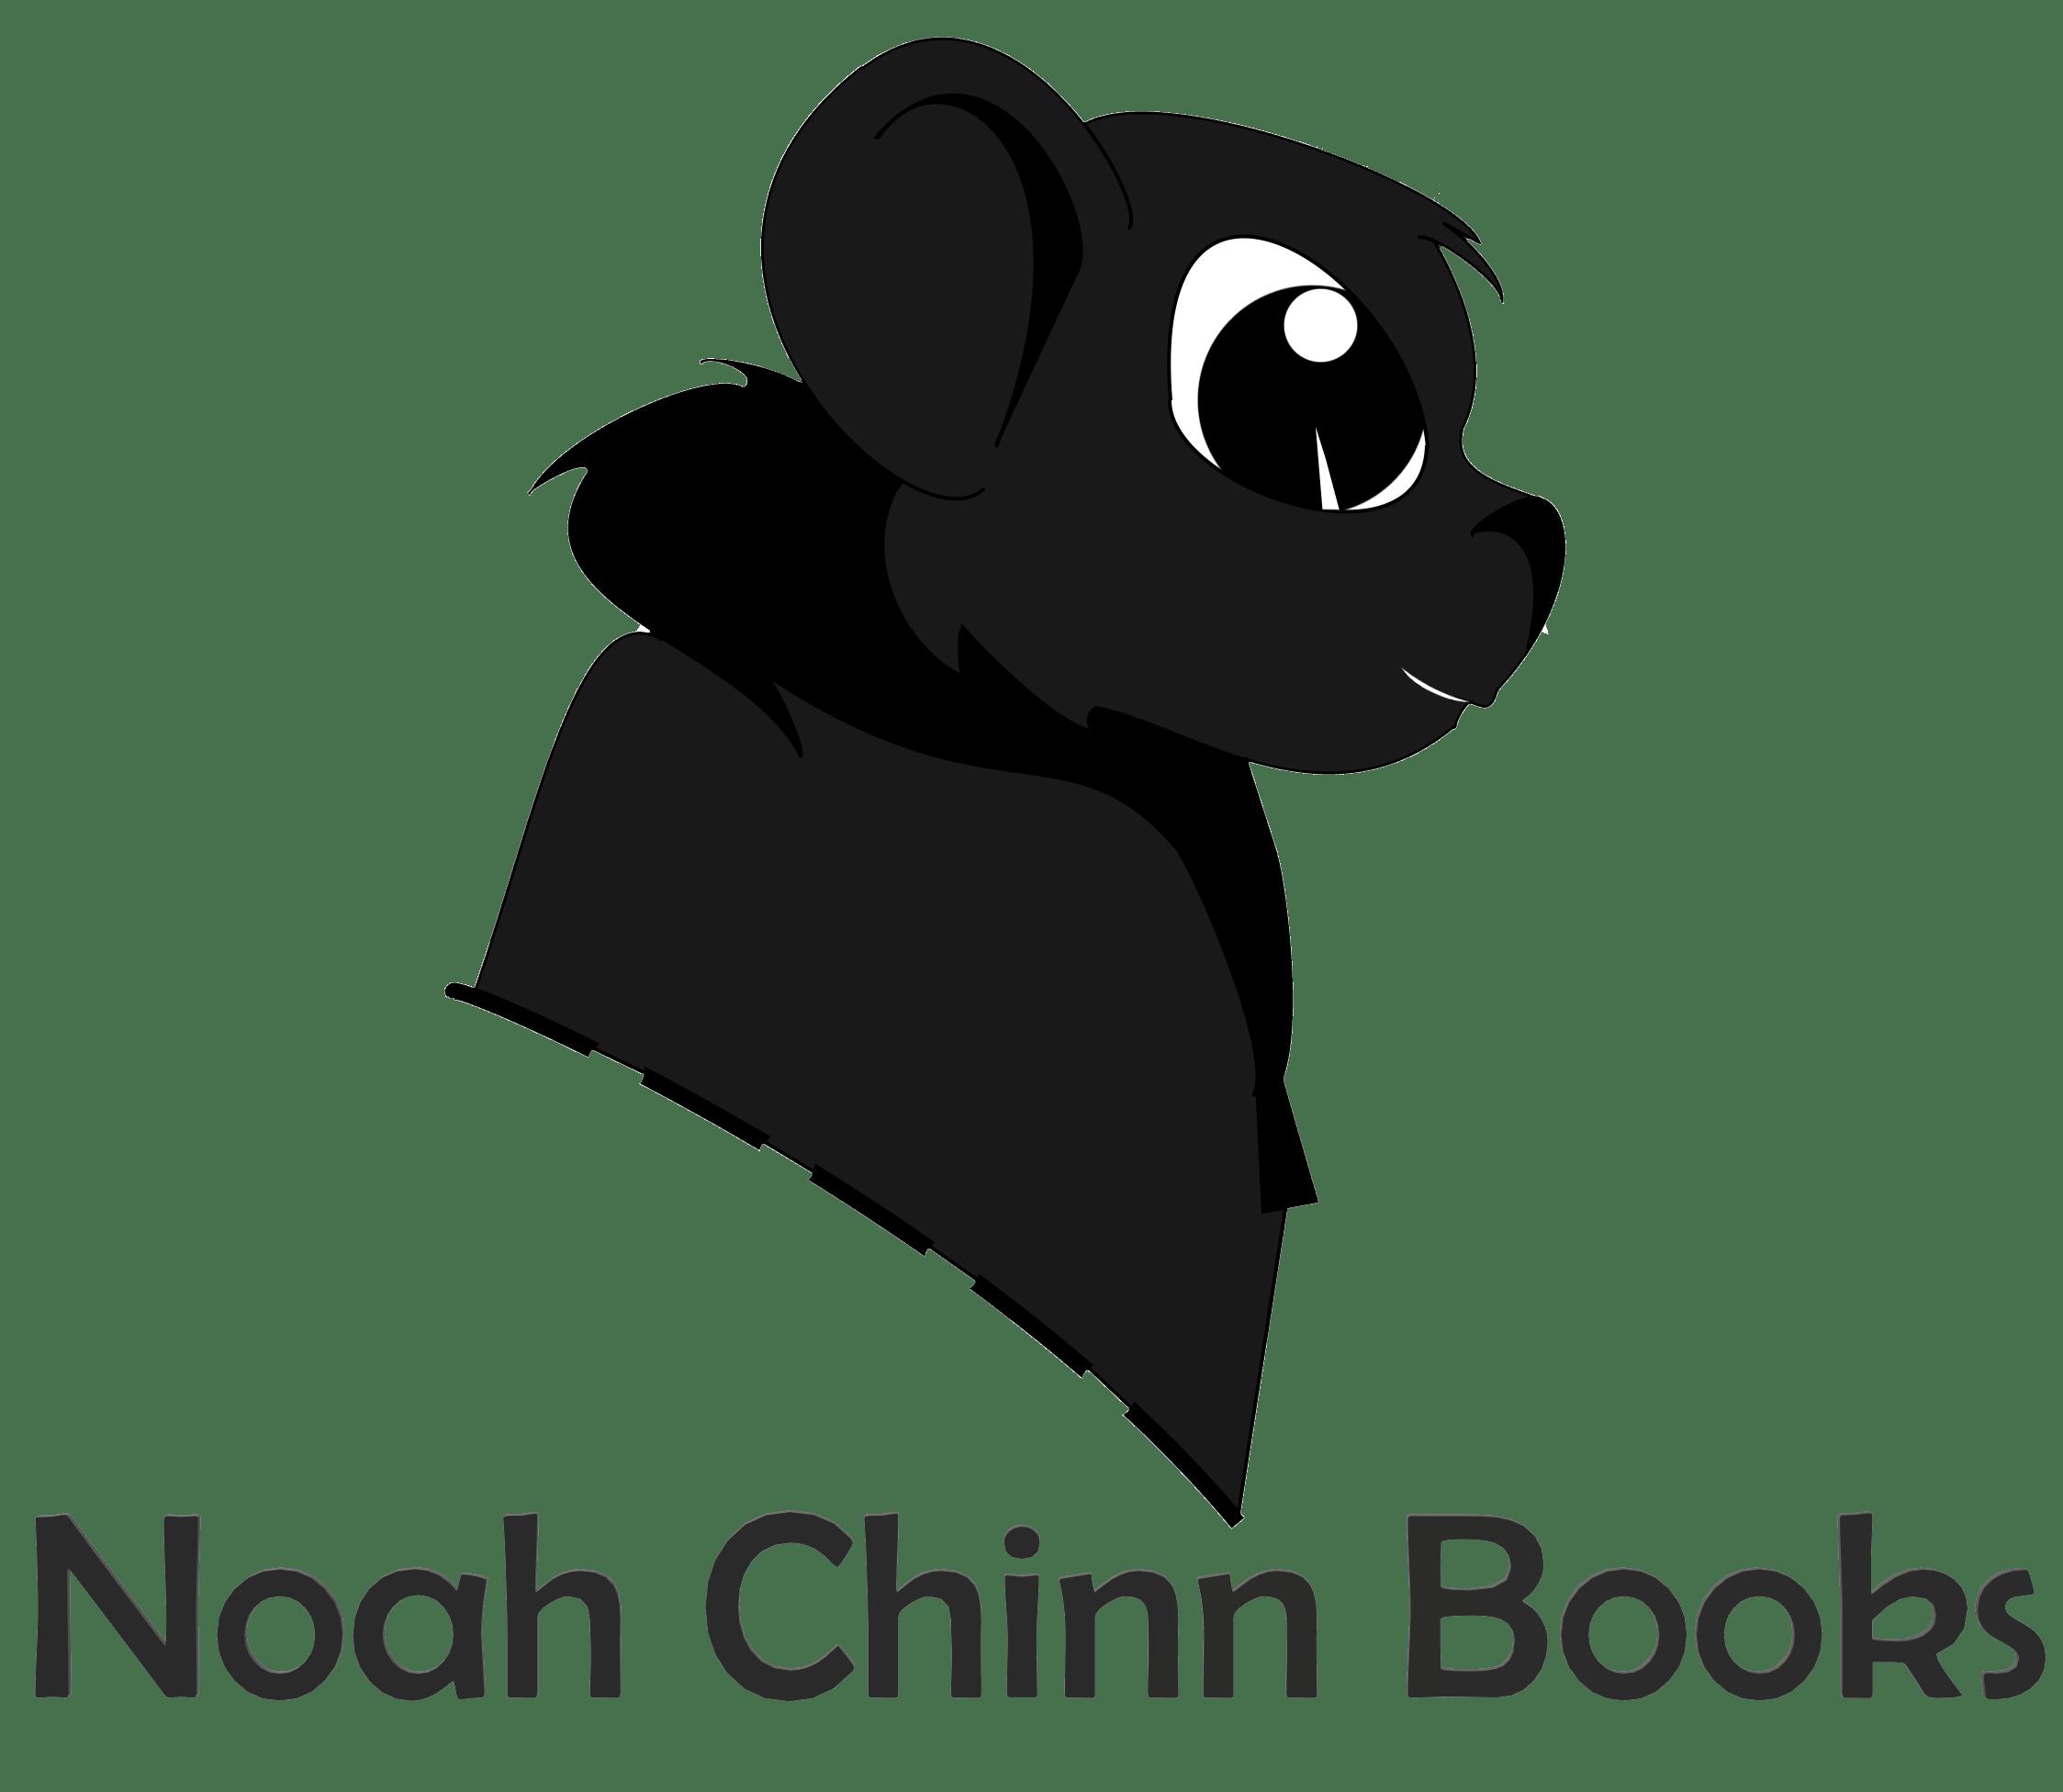 NOAH CHINN